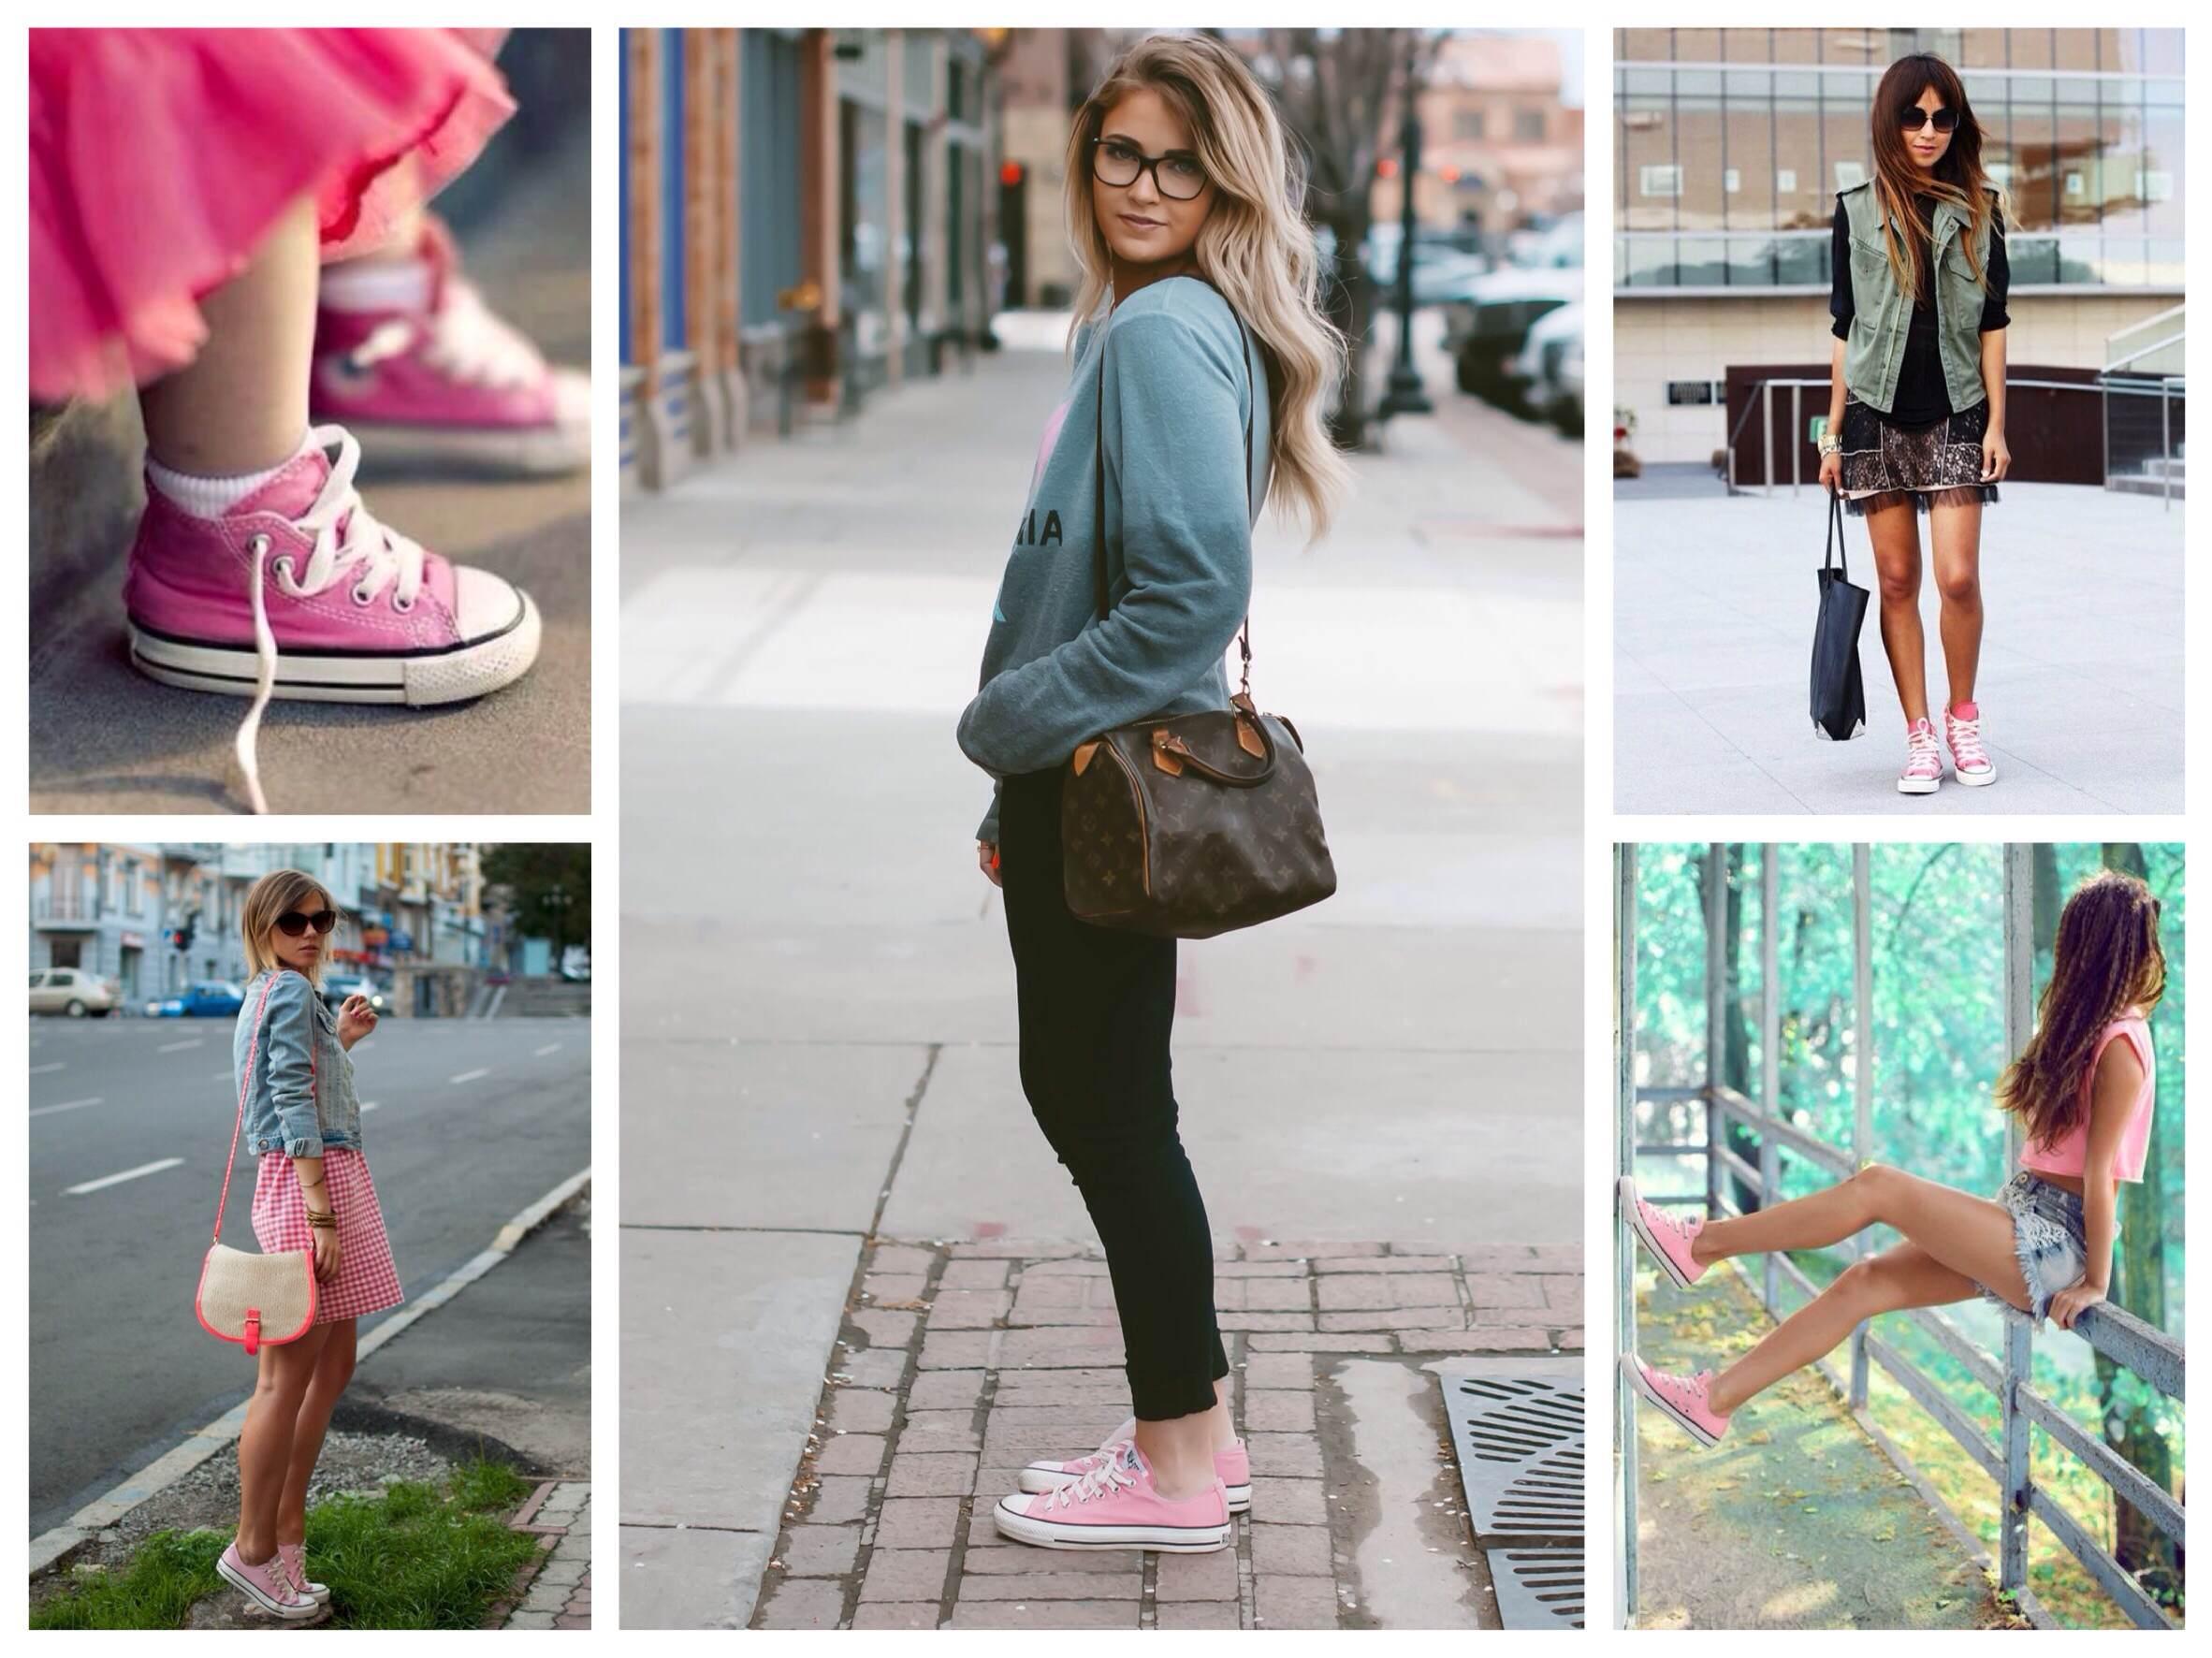 С чем носить кеды девочек